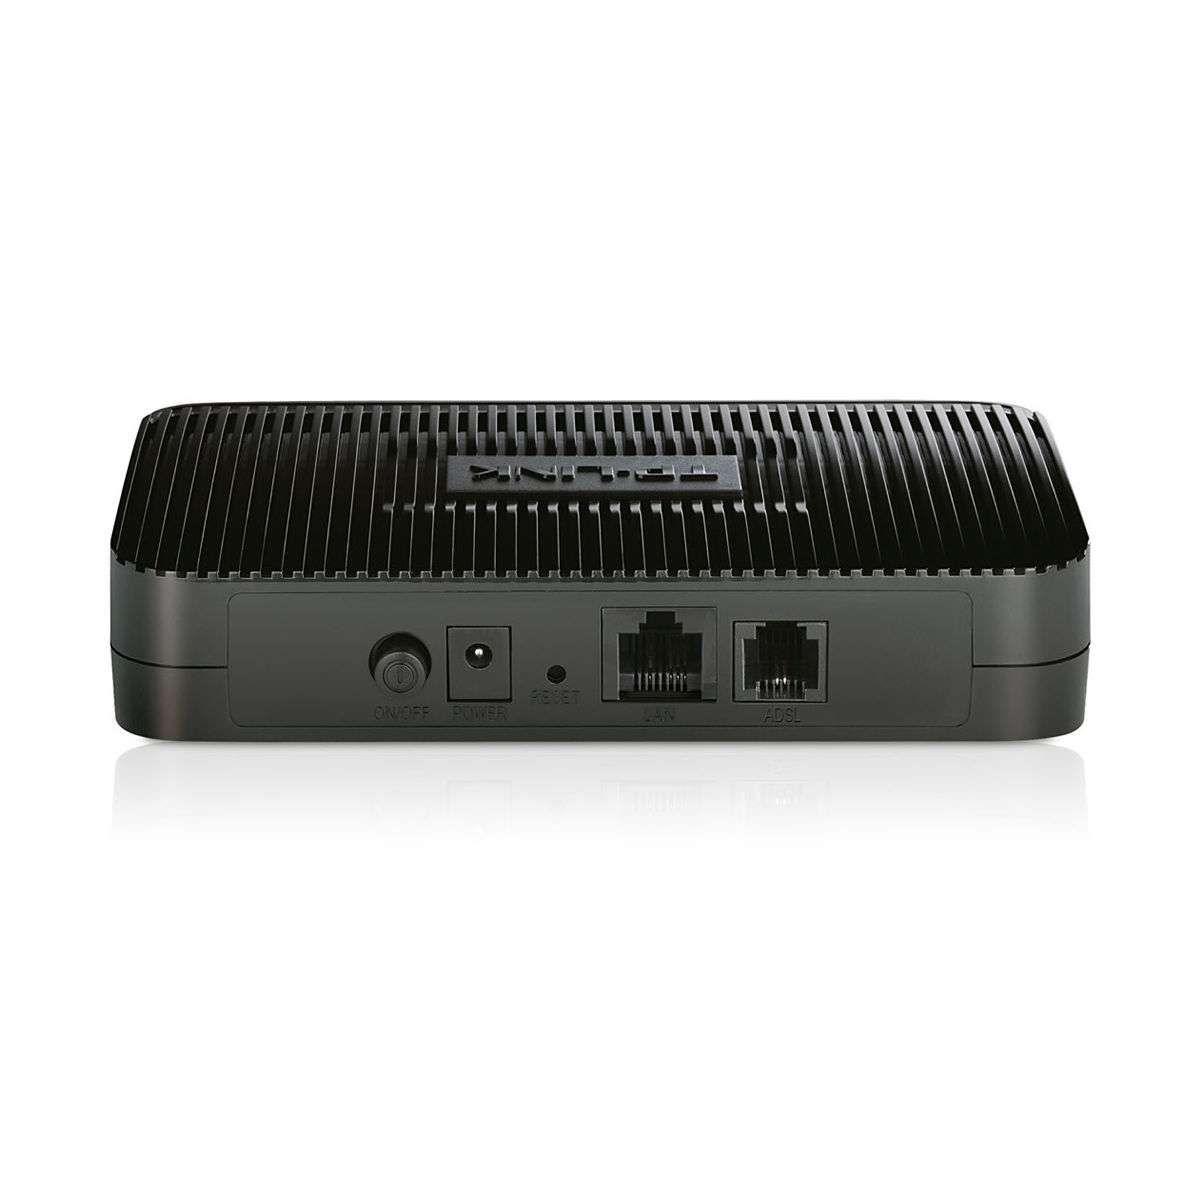 Modem Roteador ADSL2+ Ready Preto TP-Link TD-8816